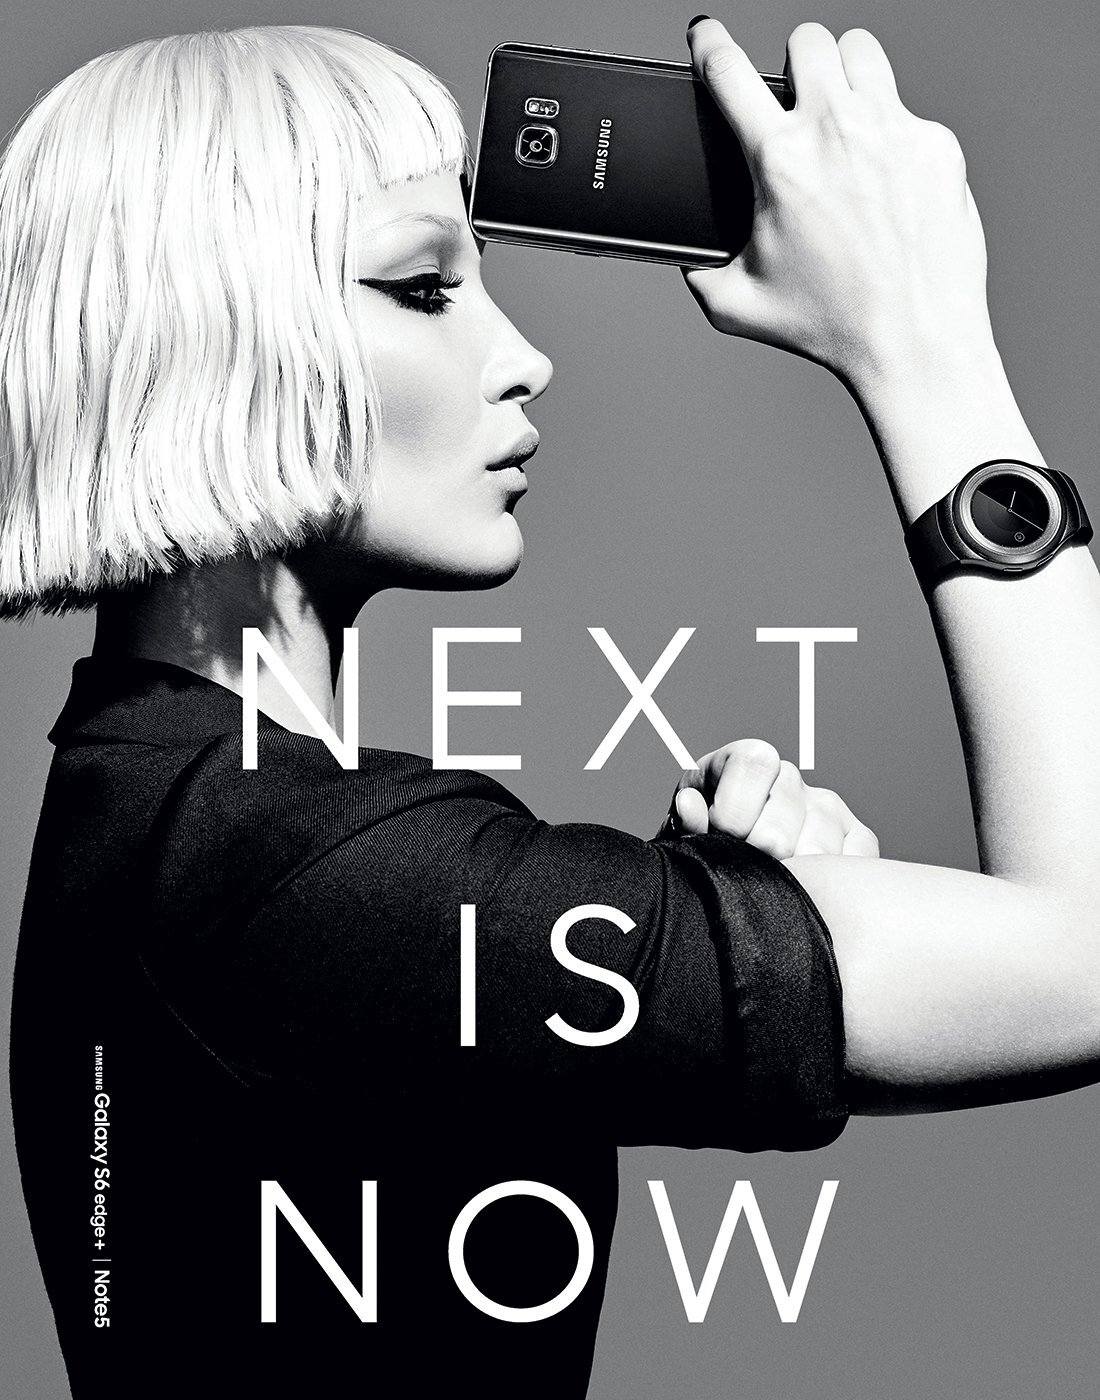 Smartwatch mang nhiều tiện ích cho cuộc sống